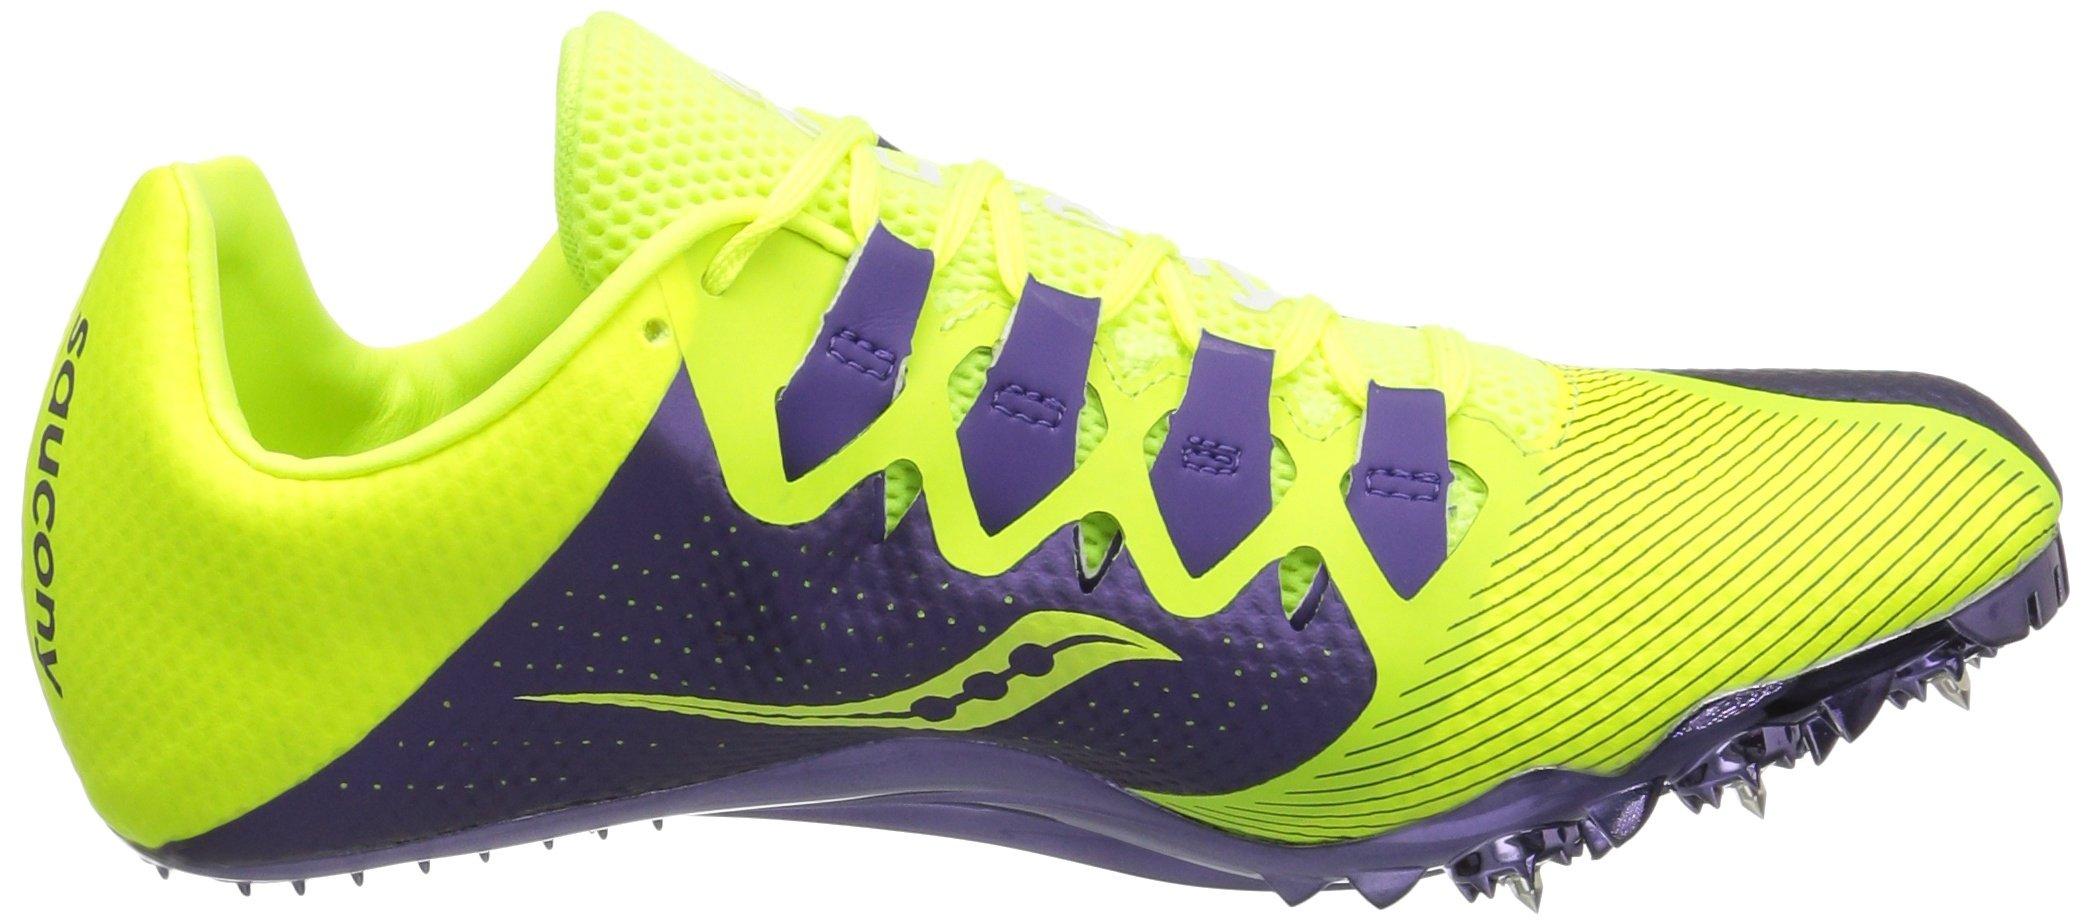 Saucony Women's Showdown 4 Track Shoe, Citron/Purple, 9.5 M US by Saucony (Image #7)